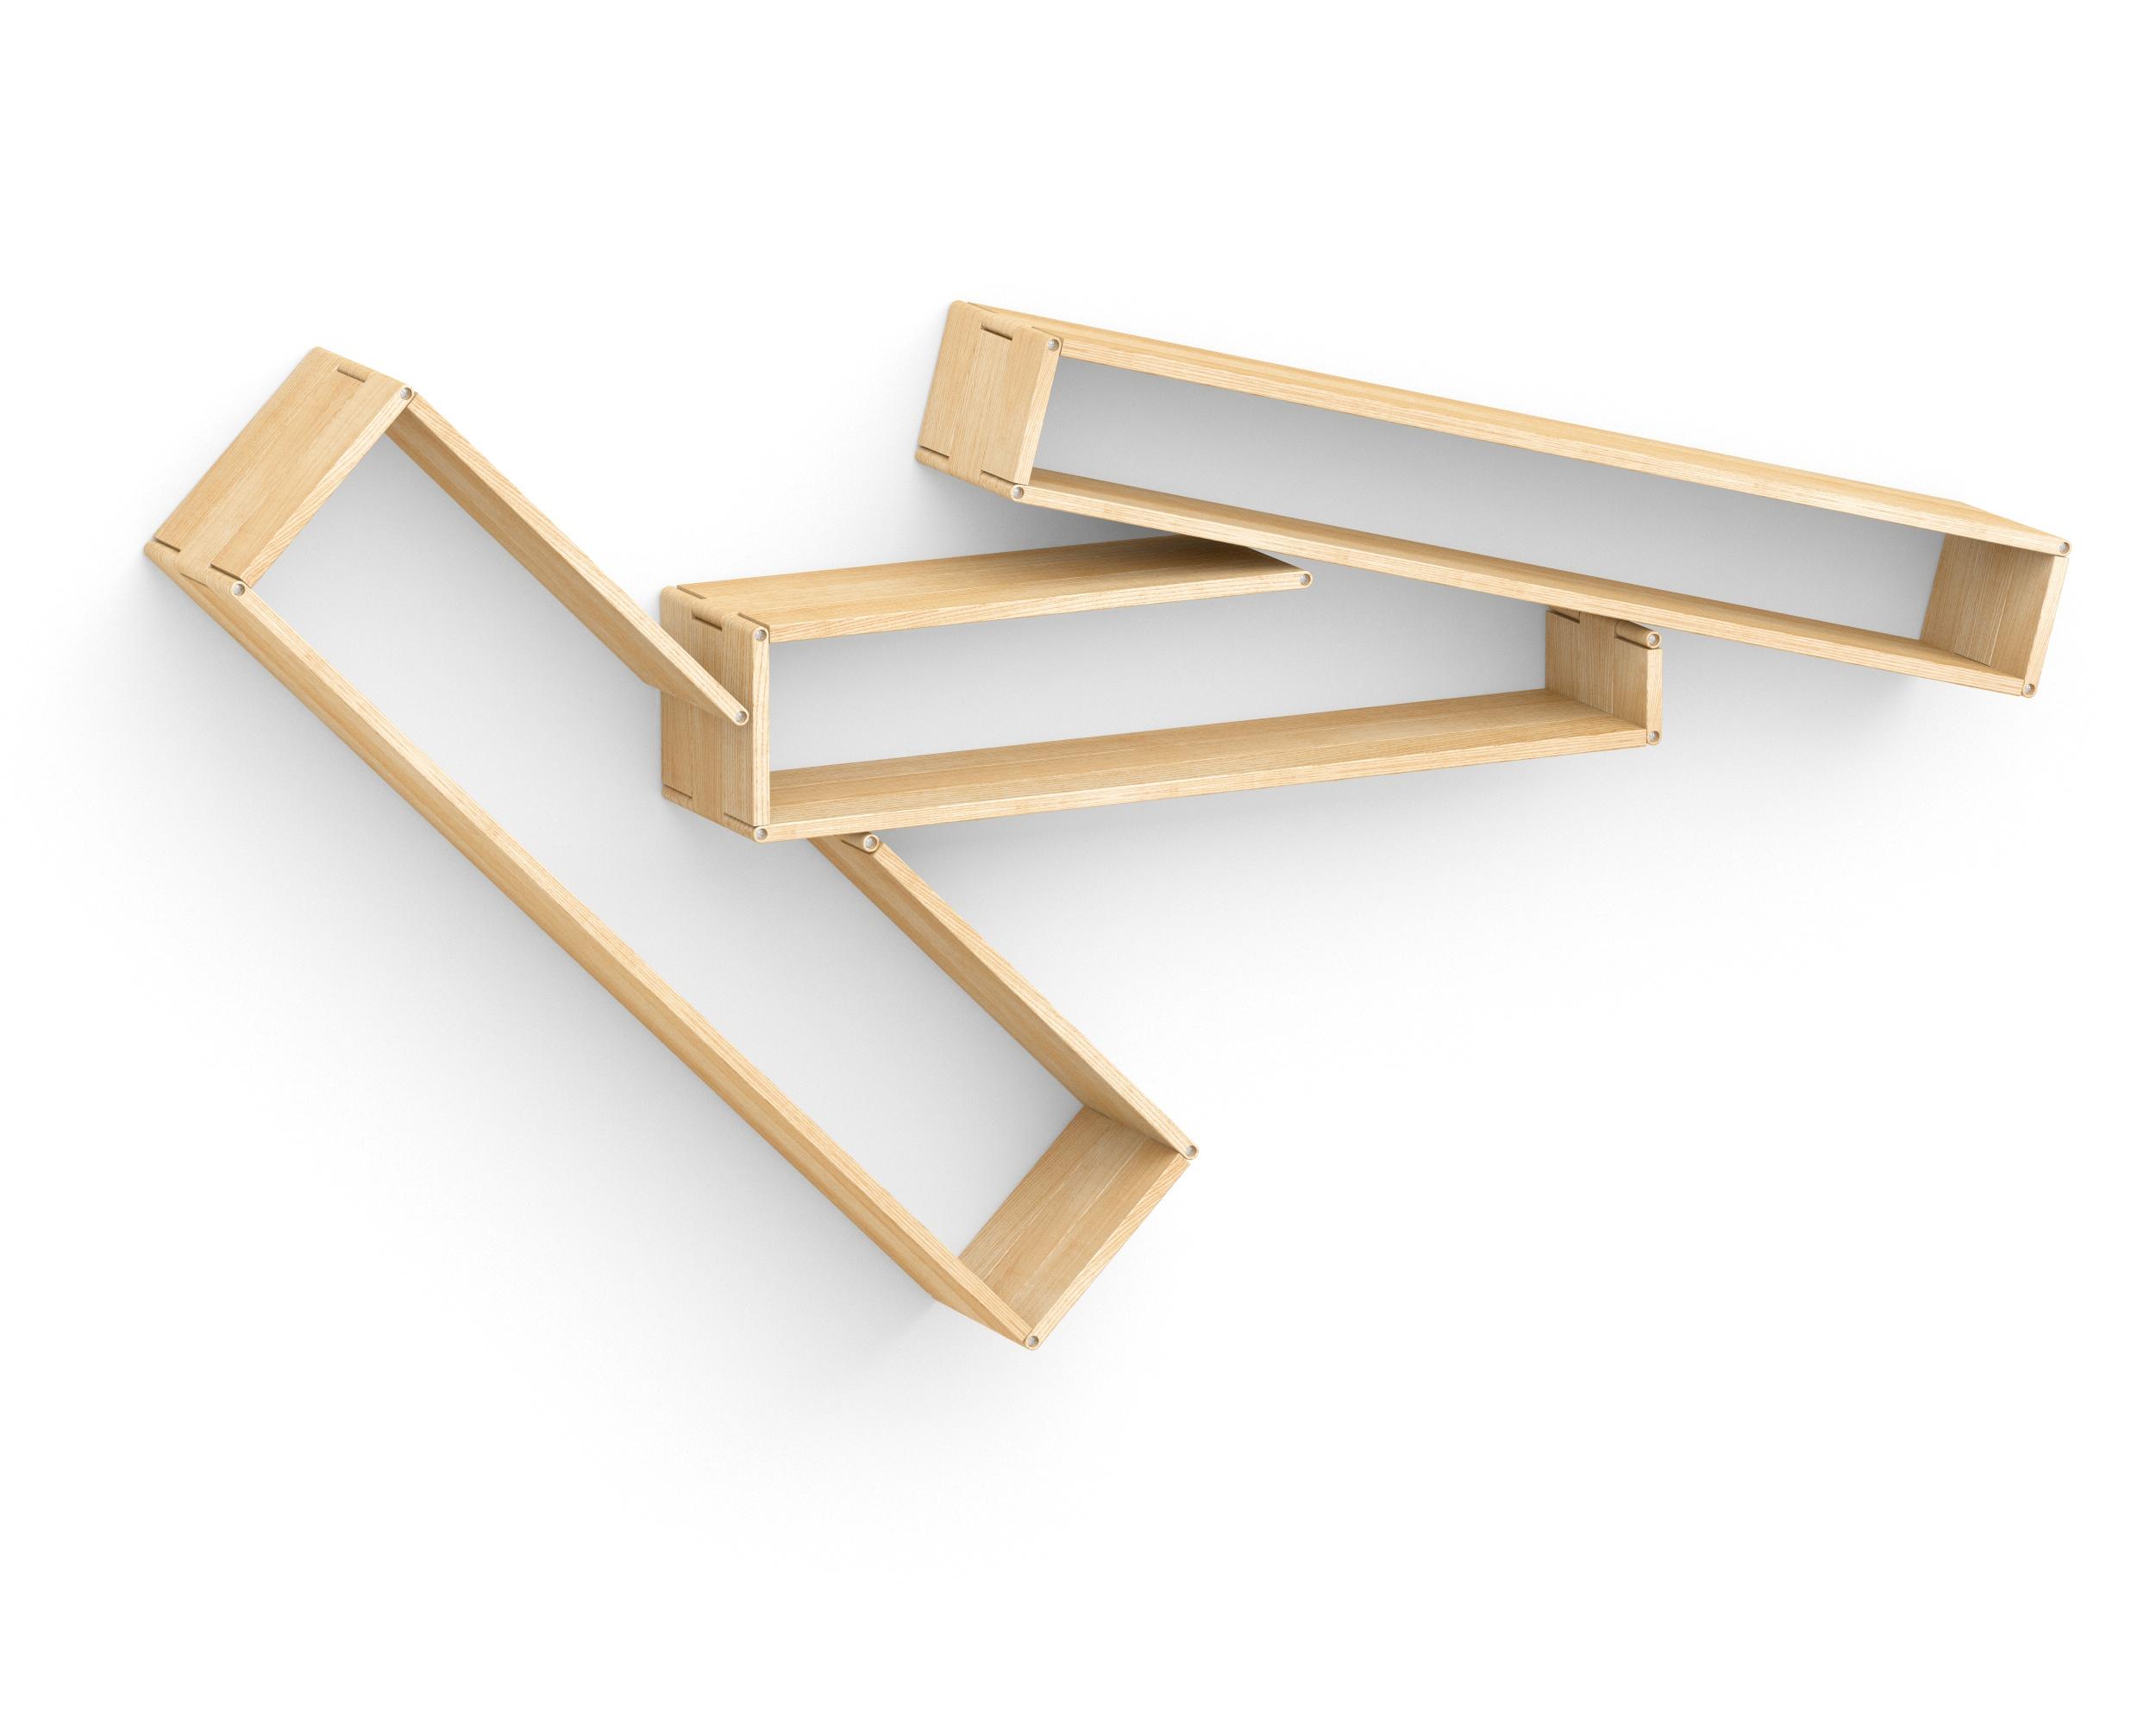 Полка-конструктор LATITUDE Flex Shelf set 172Полки<br>Творческий беспорядок теперь удастся создать не только на столе или на полу. С &amp;quot;Latitude Flex Shelf Set 172&amp;quot; его можно будет перенести в новую плоскость ? на стену! Не стоит переживать, что нагромождение хаотично расположенных полок добавит неаккуратность оформлению пространства. Декор, способный принимать самые разные очертания, привнесет в интерьер лишь нетривиальную смелость. С ним современные интерьеры буквально оживут и станут более интересными.<br><br>Material: Ясень<br>Ширина см: 210<br>Высота см: 96<br>Глубина см: 22